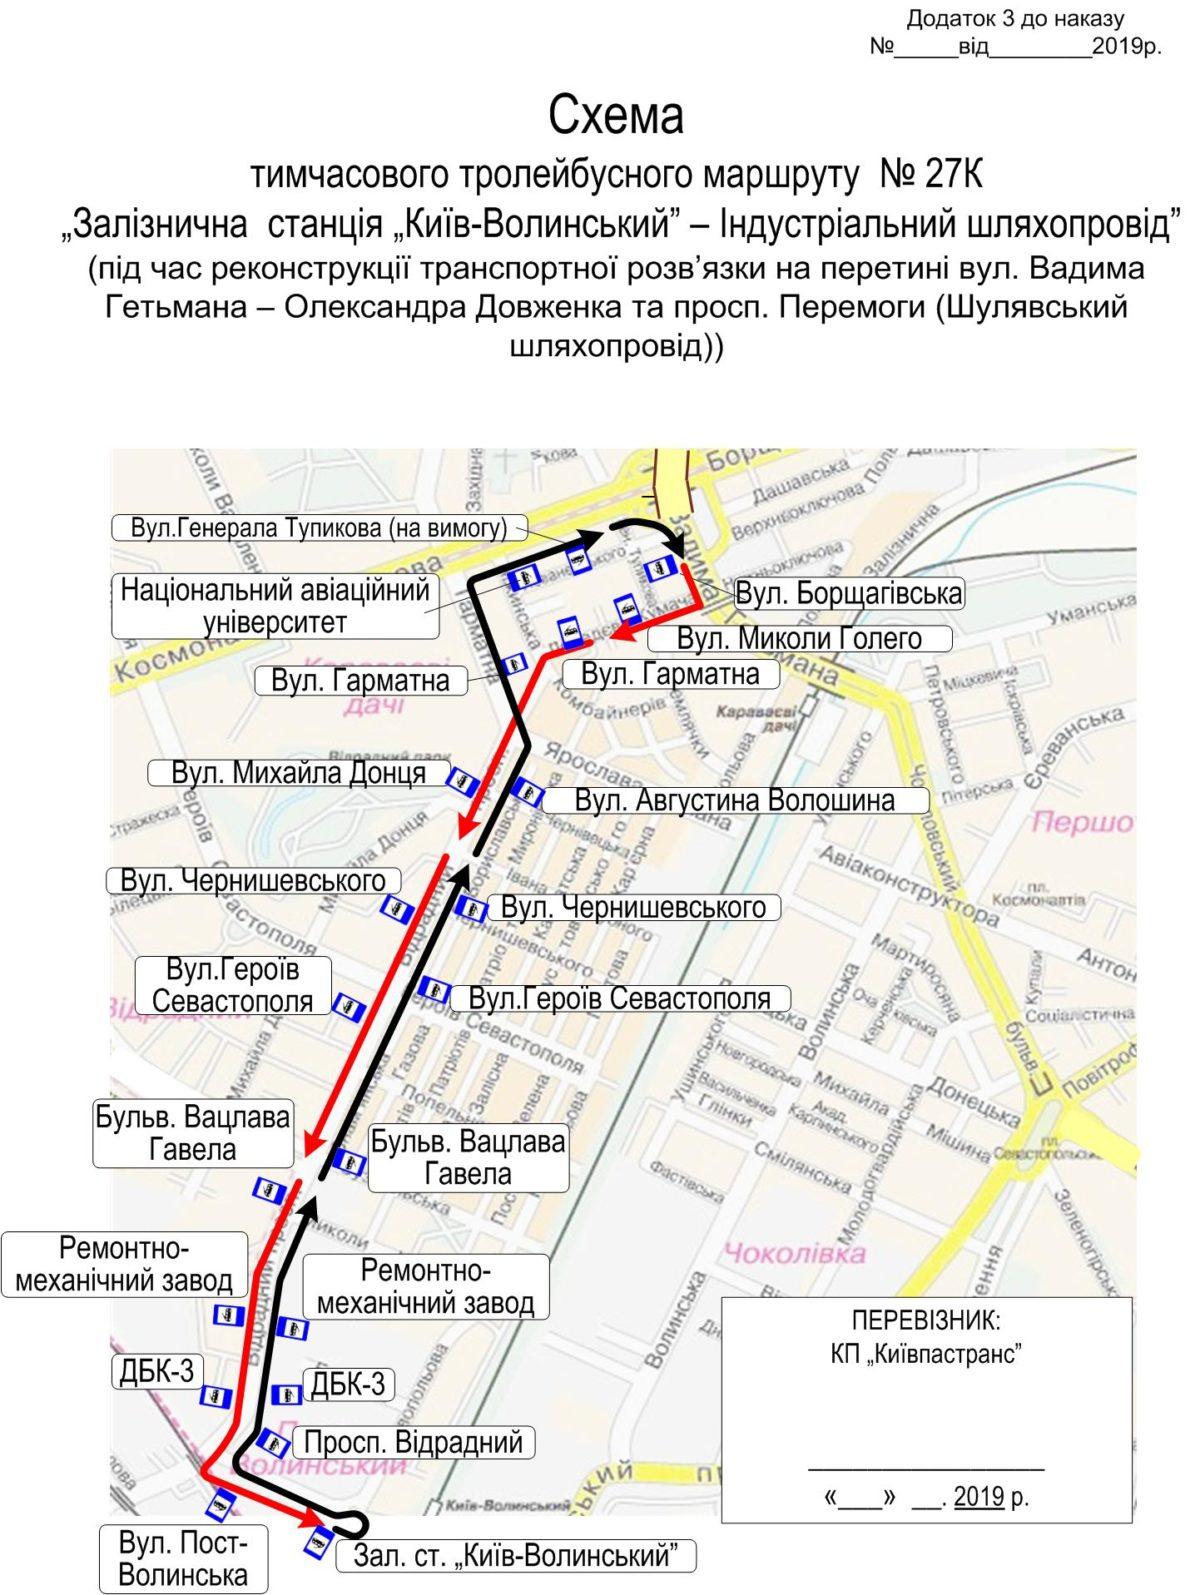 Временный маршрут троллейбусов 27к будет организован следующим образом